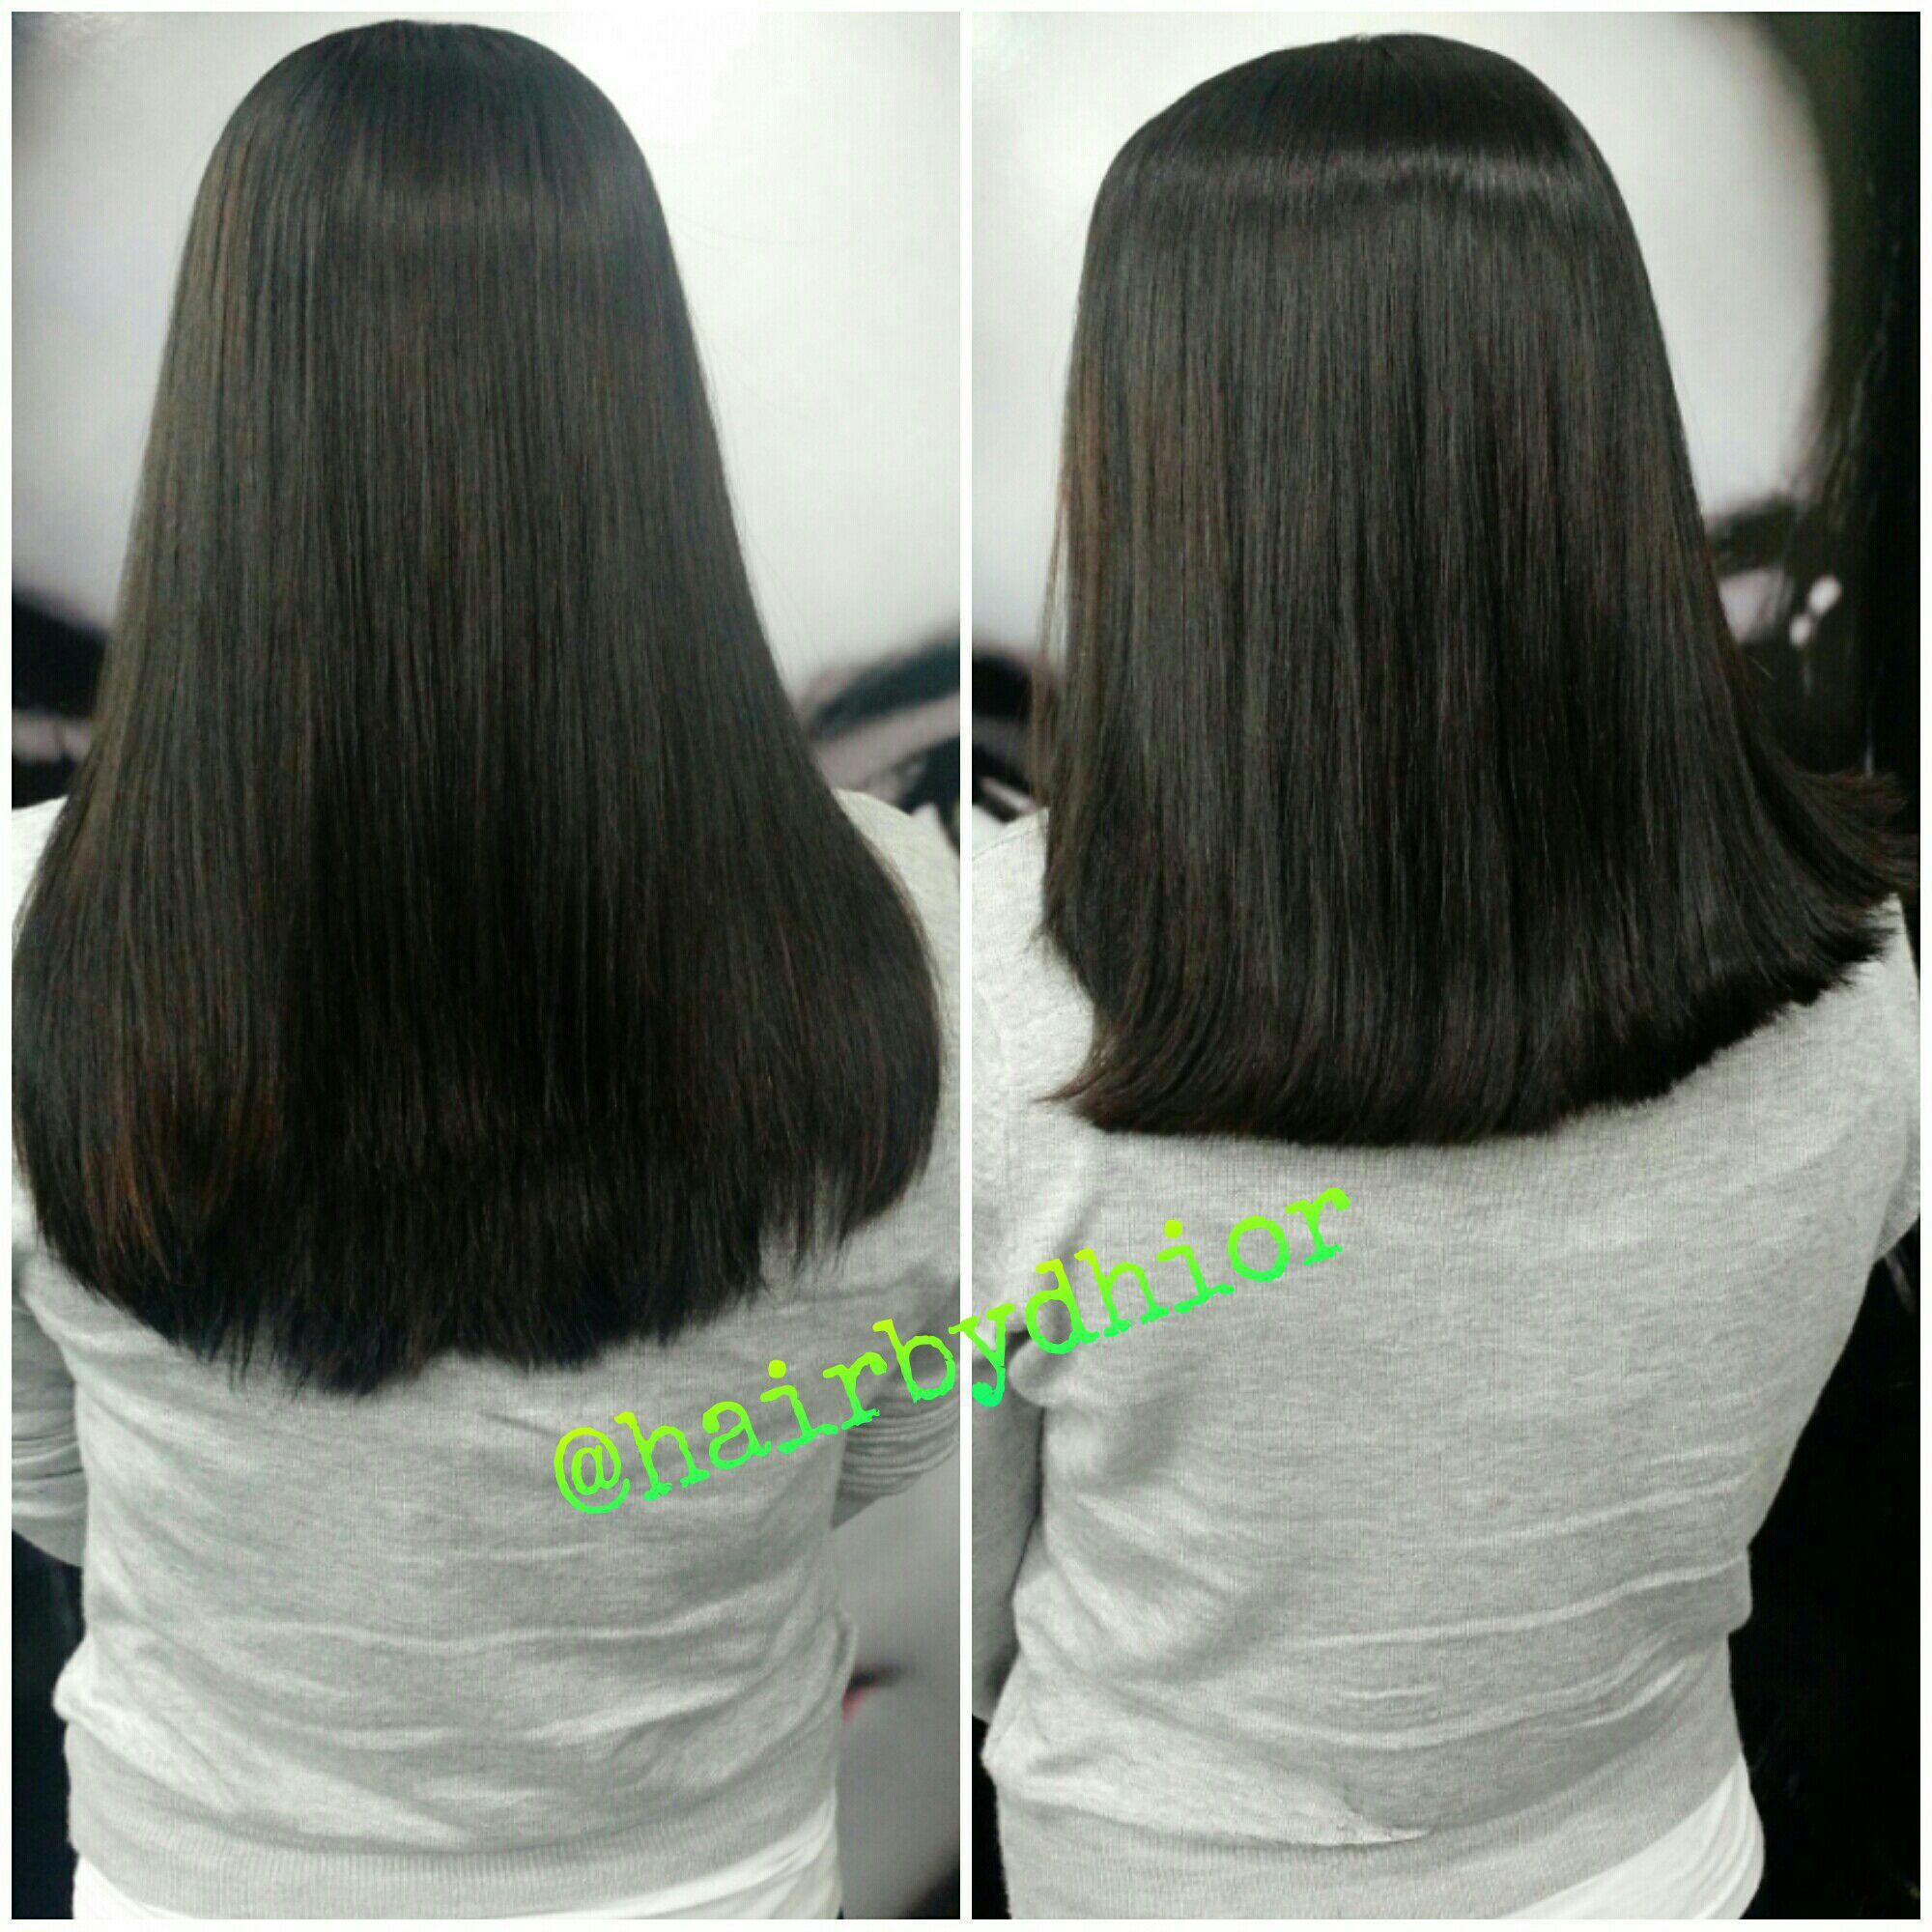 Corte +Escova cabelo cabeleireiro(a)